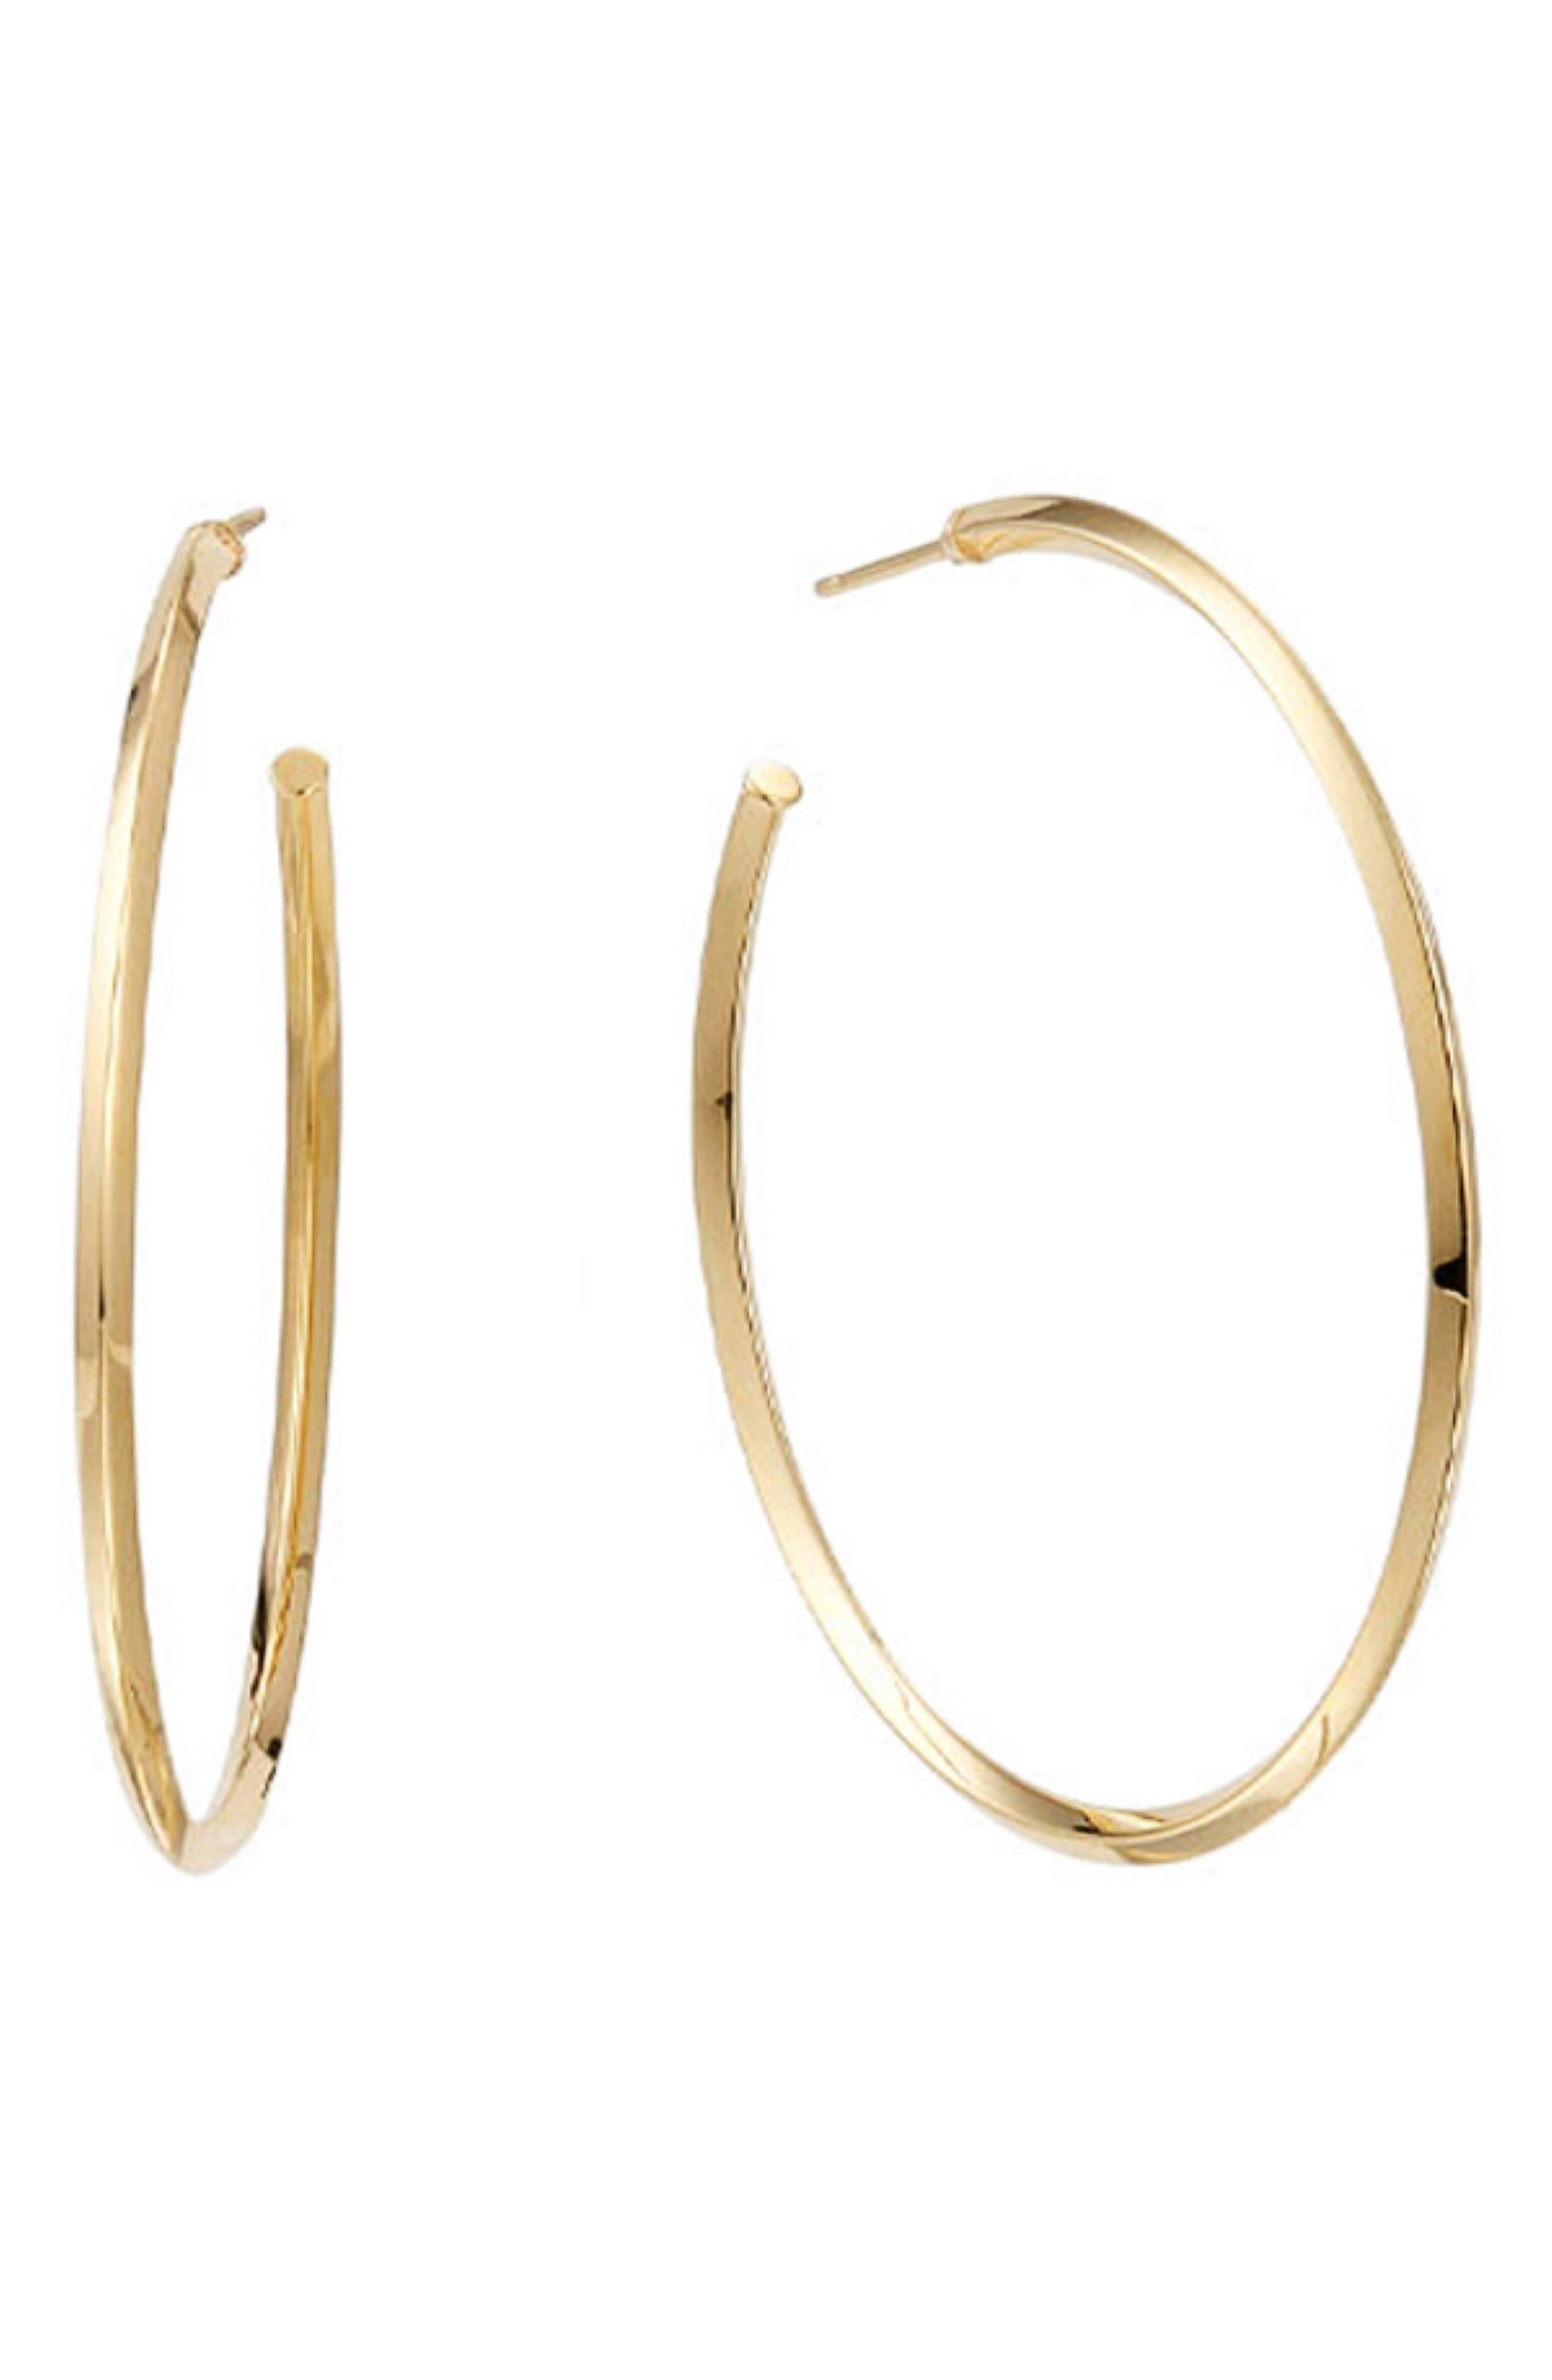 Thin Royale Hoop Earrings